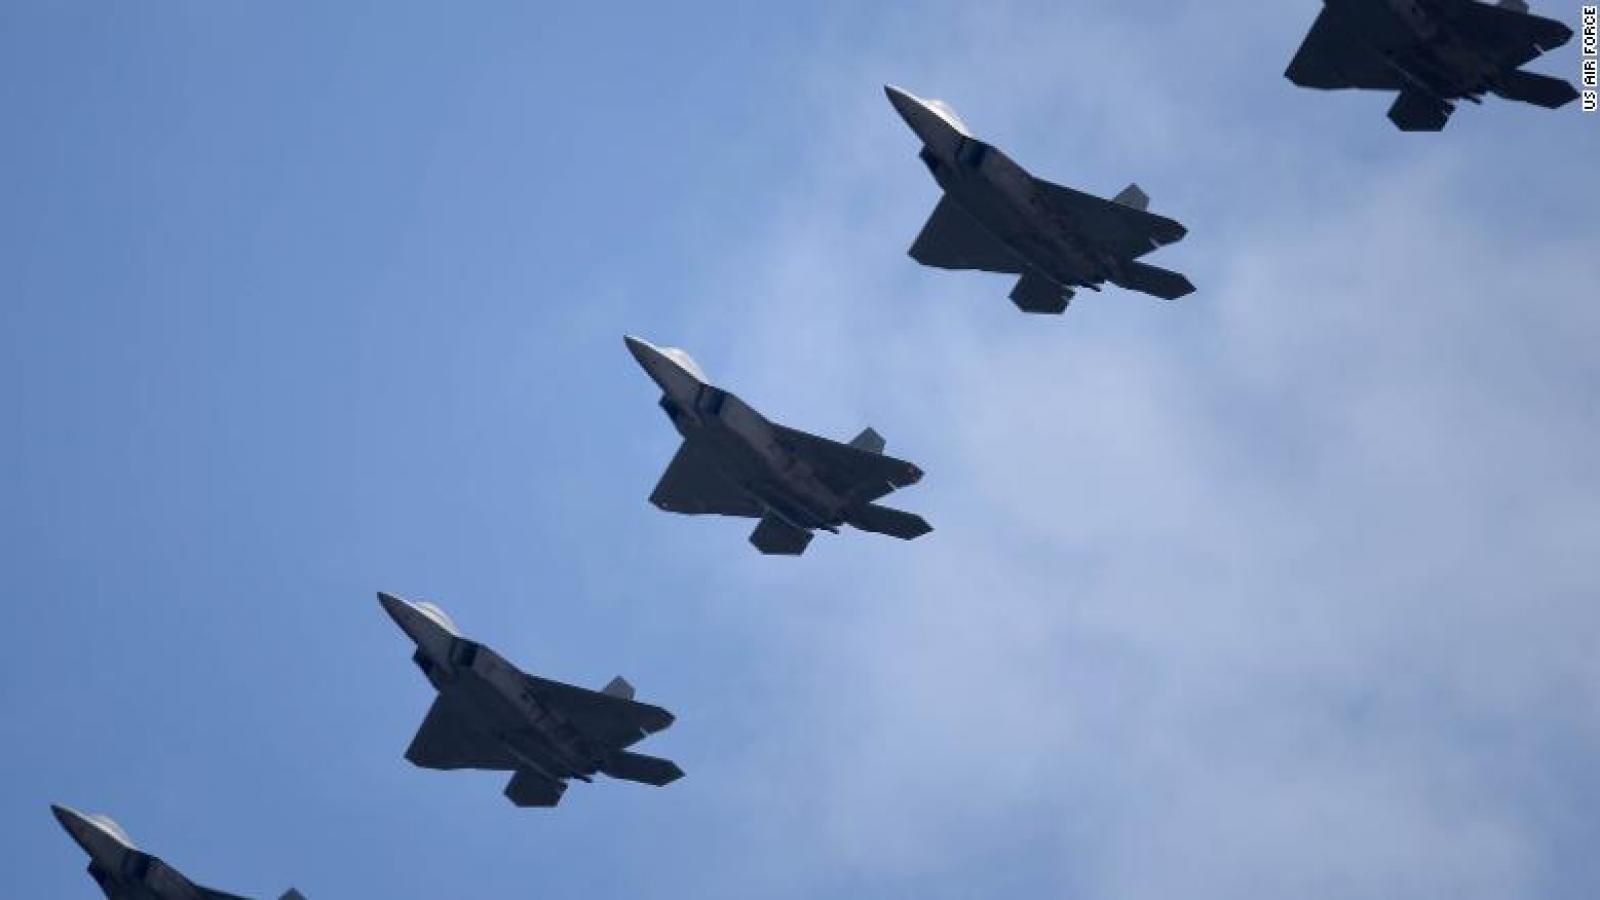 Mỹ điều hơn 20 chiến đấu cơ F-22 tới Thái Bình Dương để răn đe Trung Quốc?